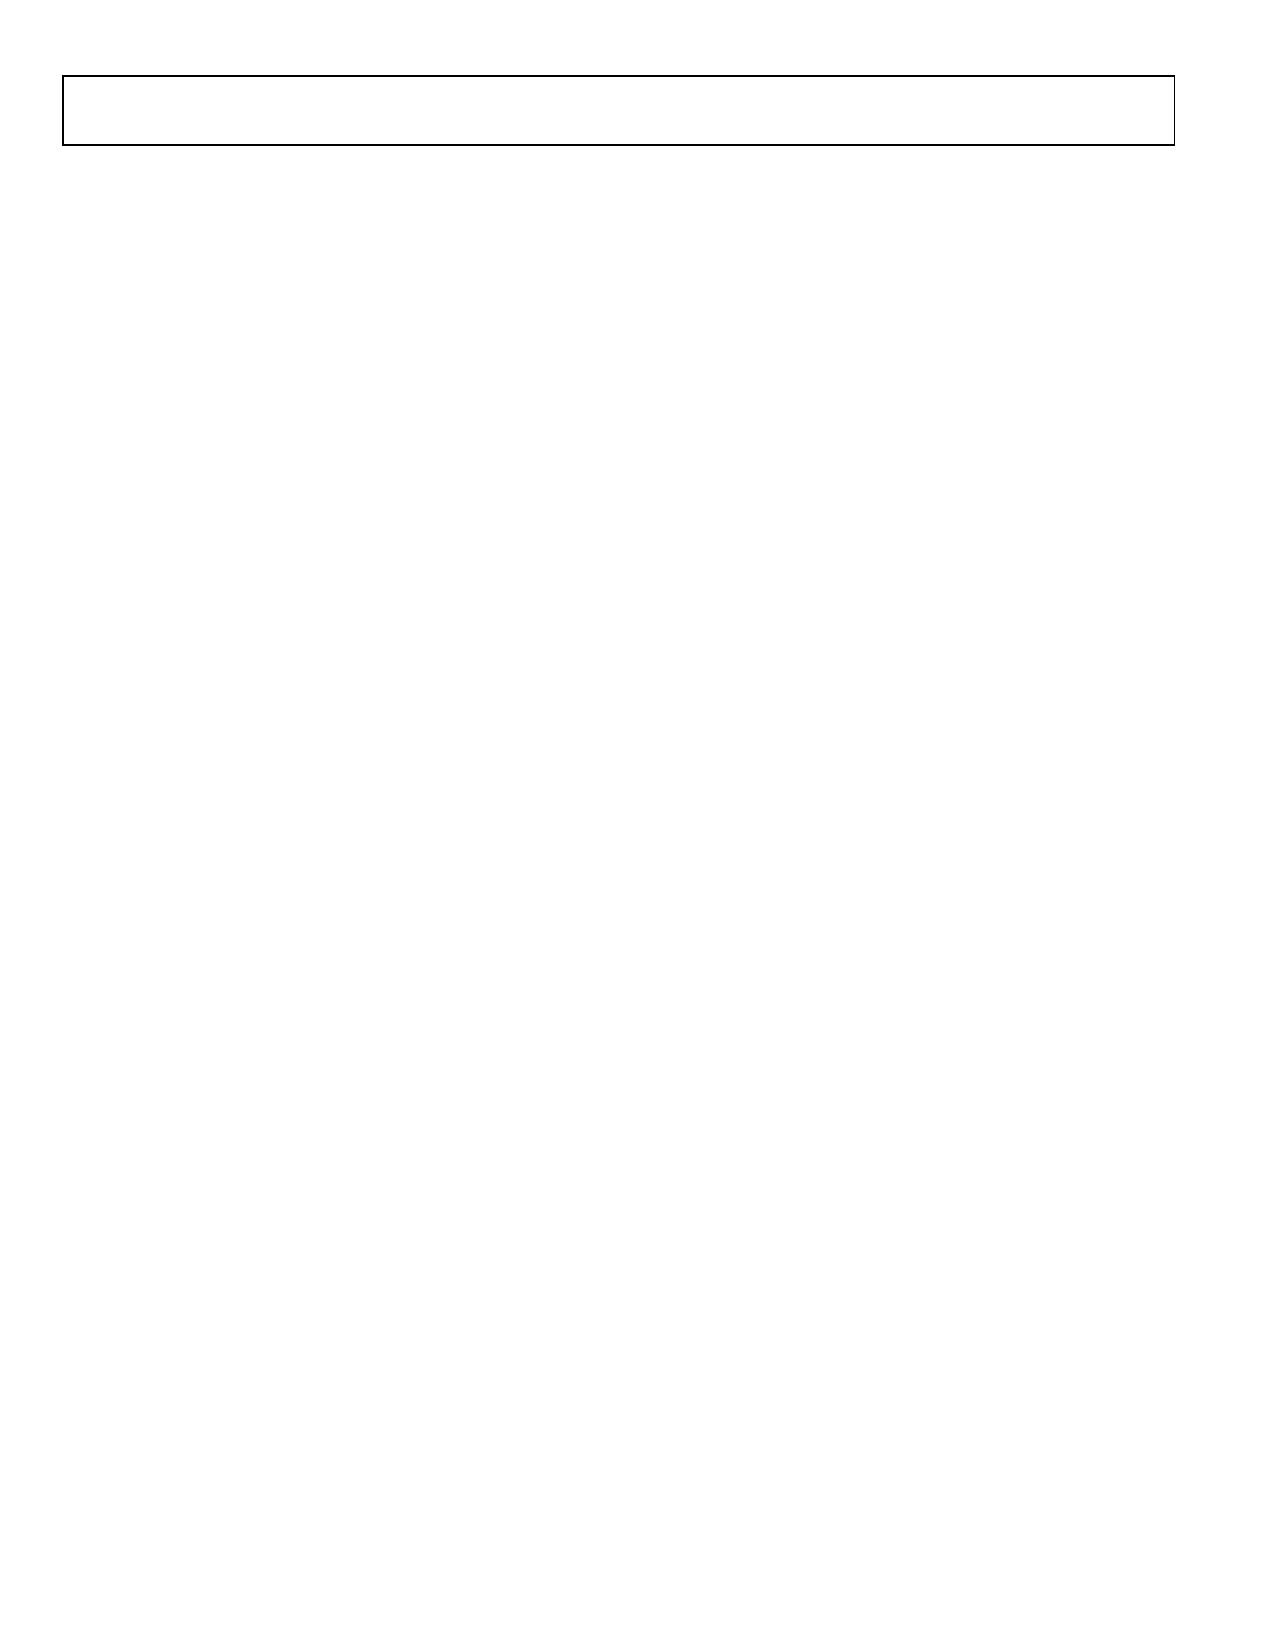 AD5556 Даташит, Описание, Даташиты